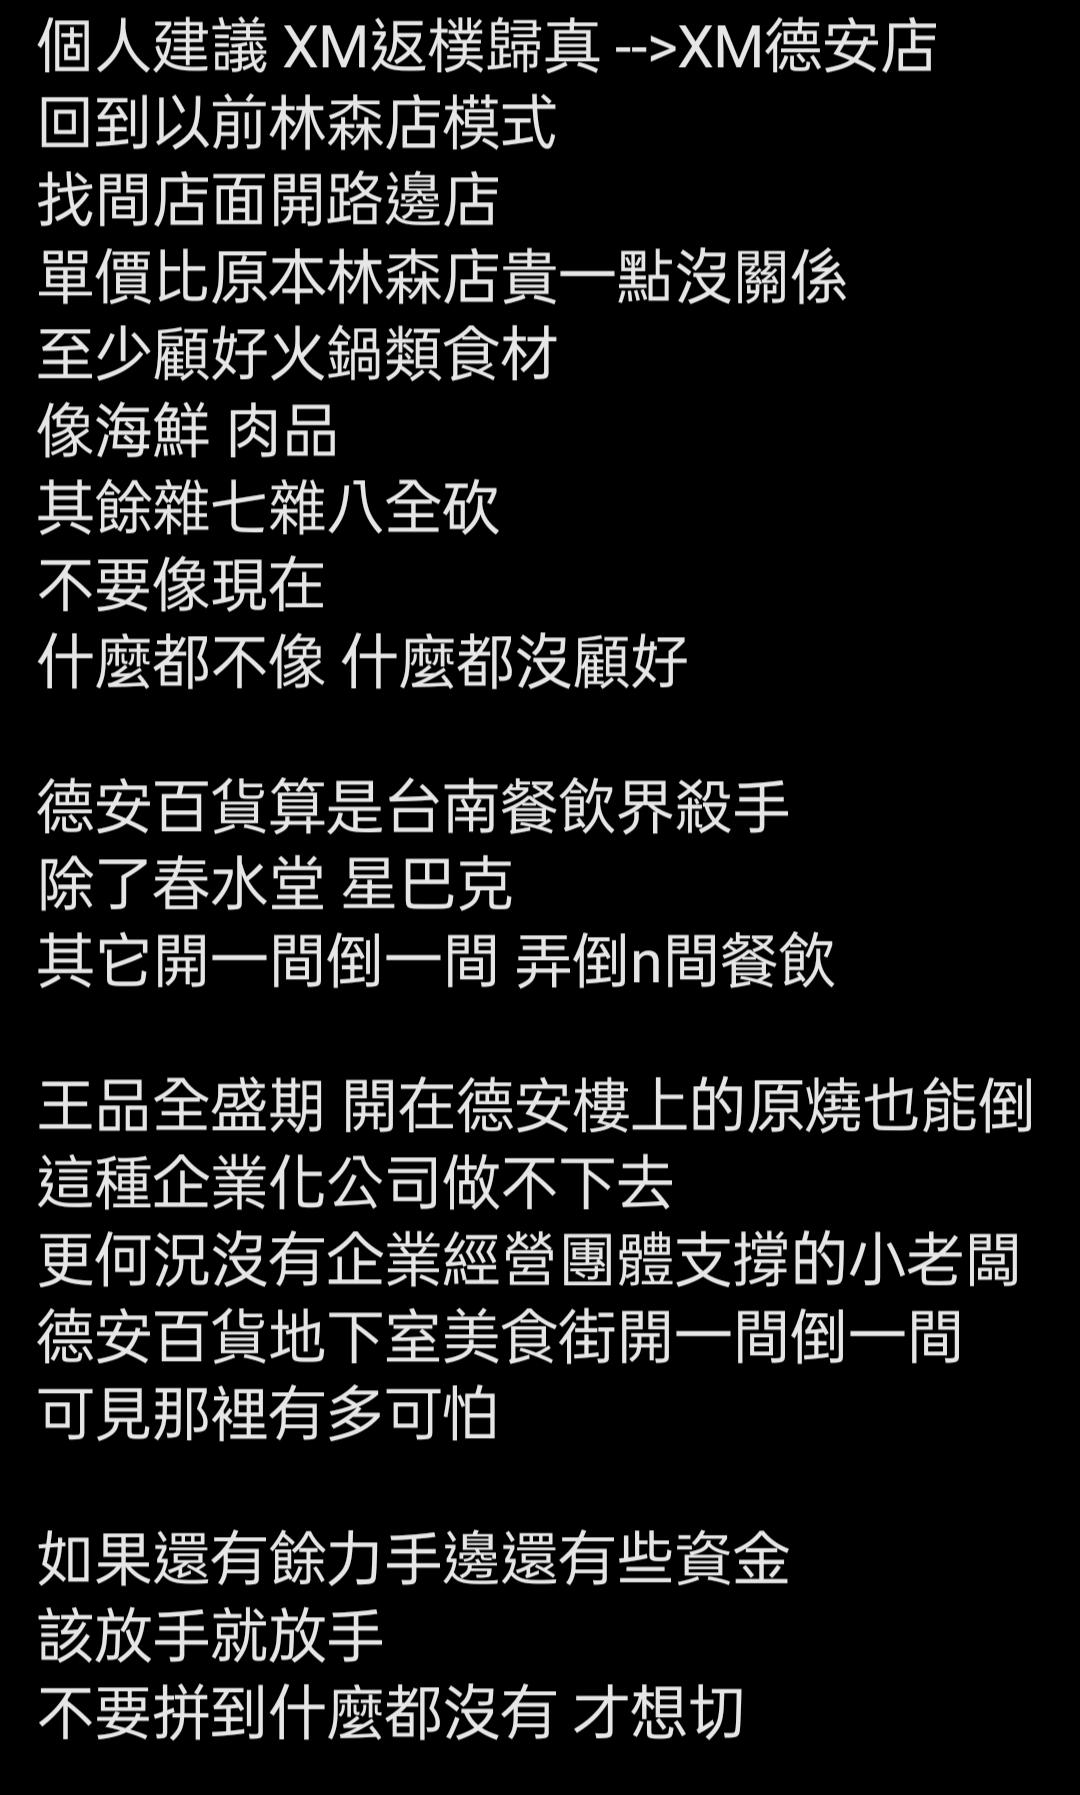 [情報] XM麻辣鍋德安店只營業到11/30